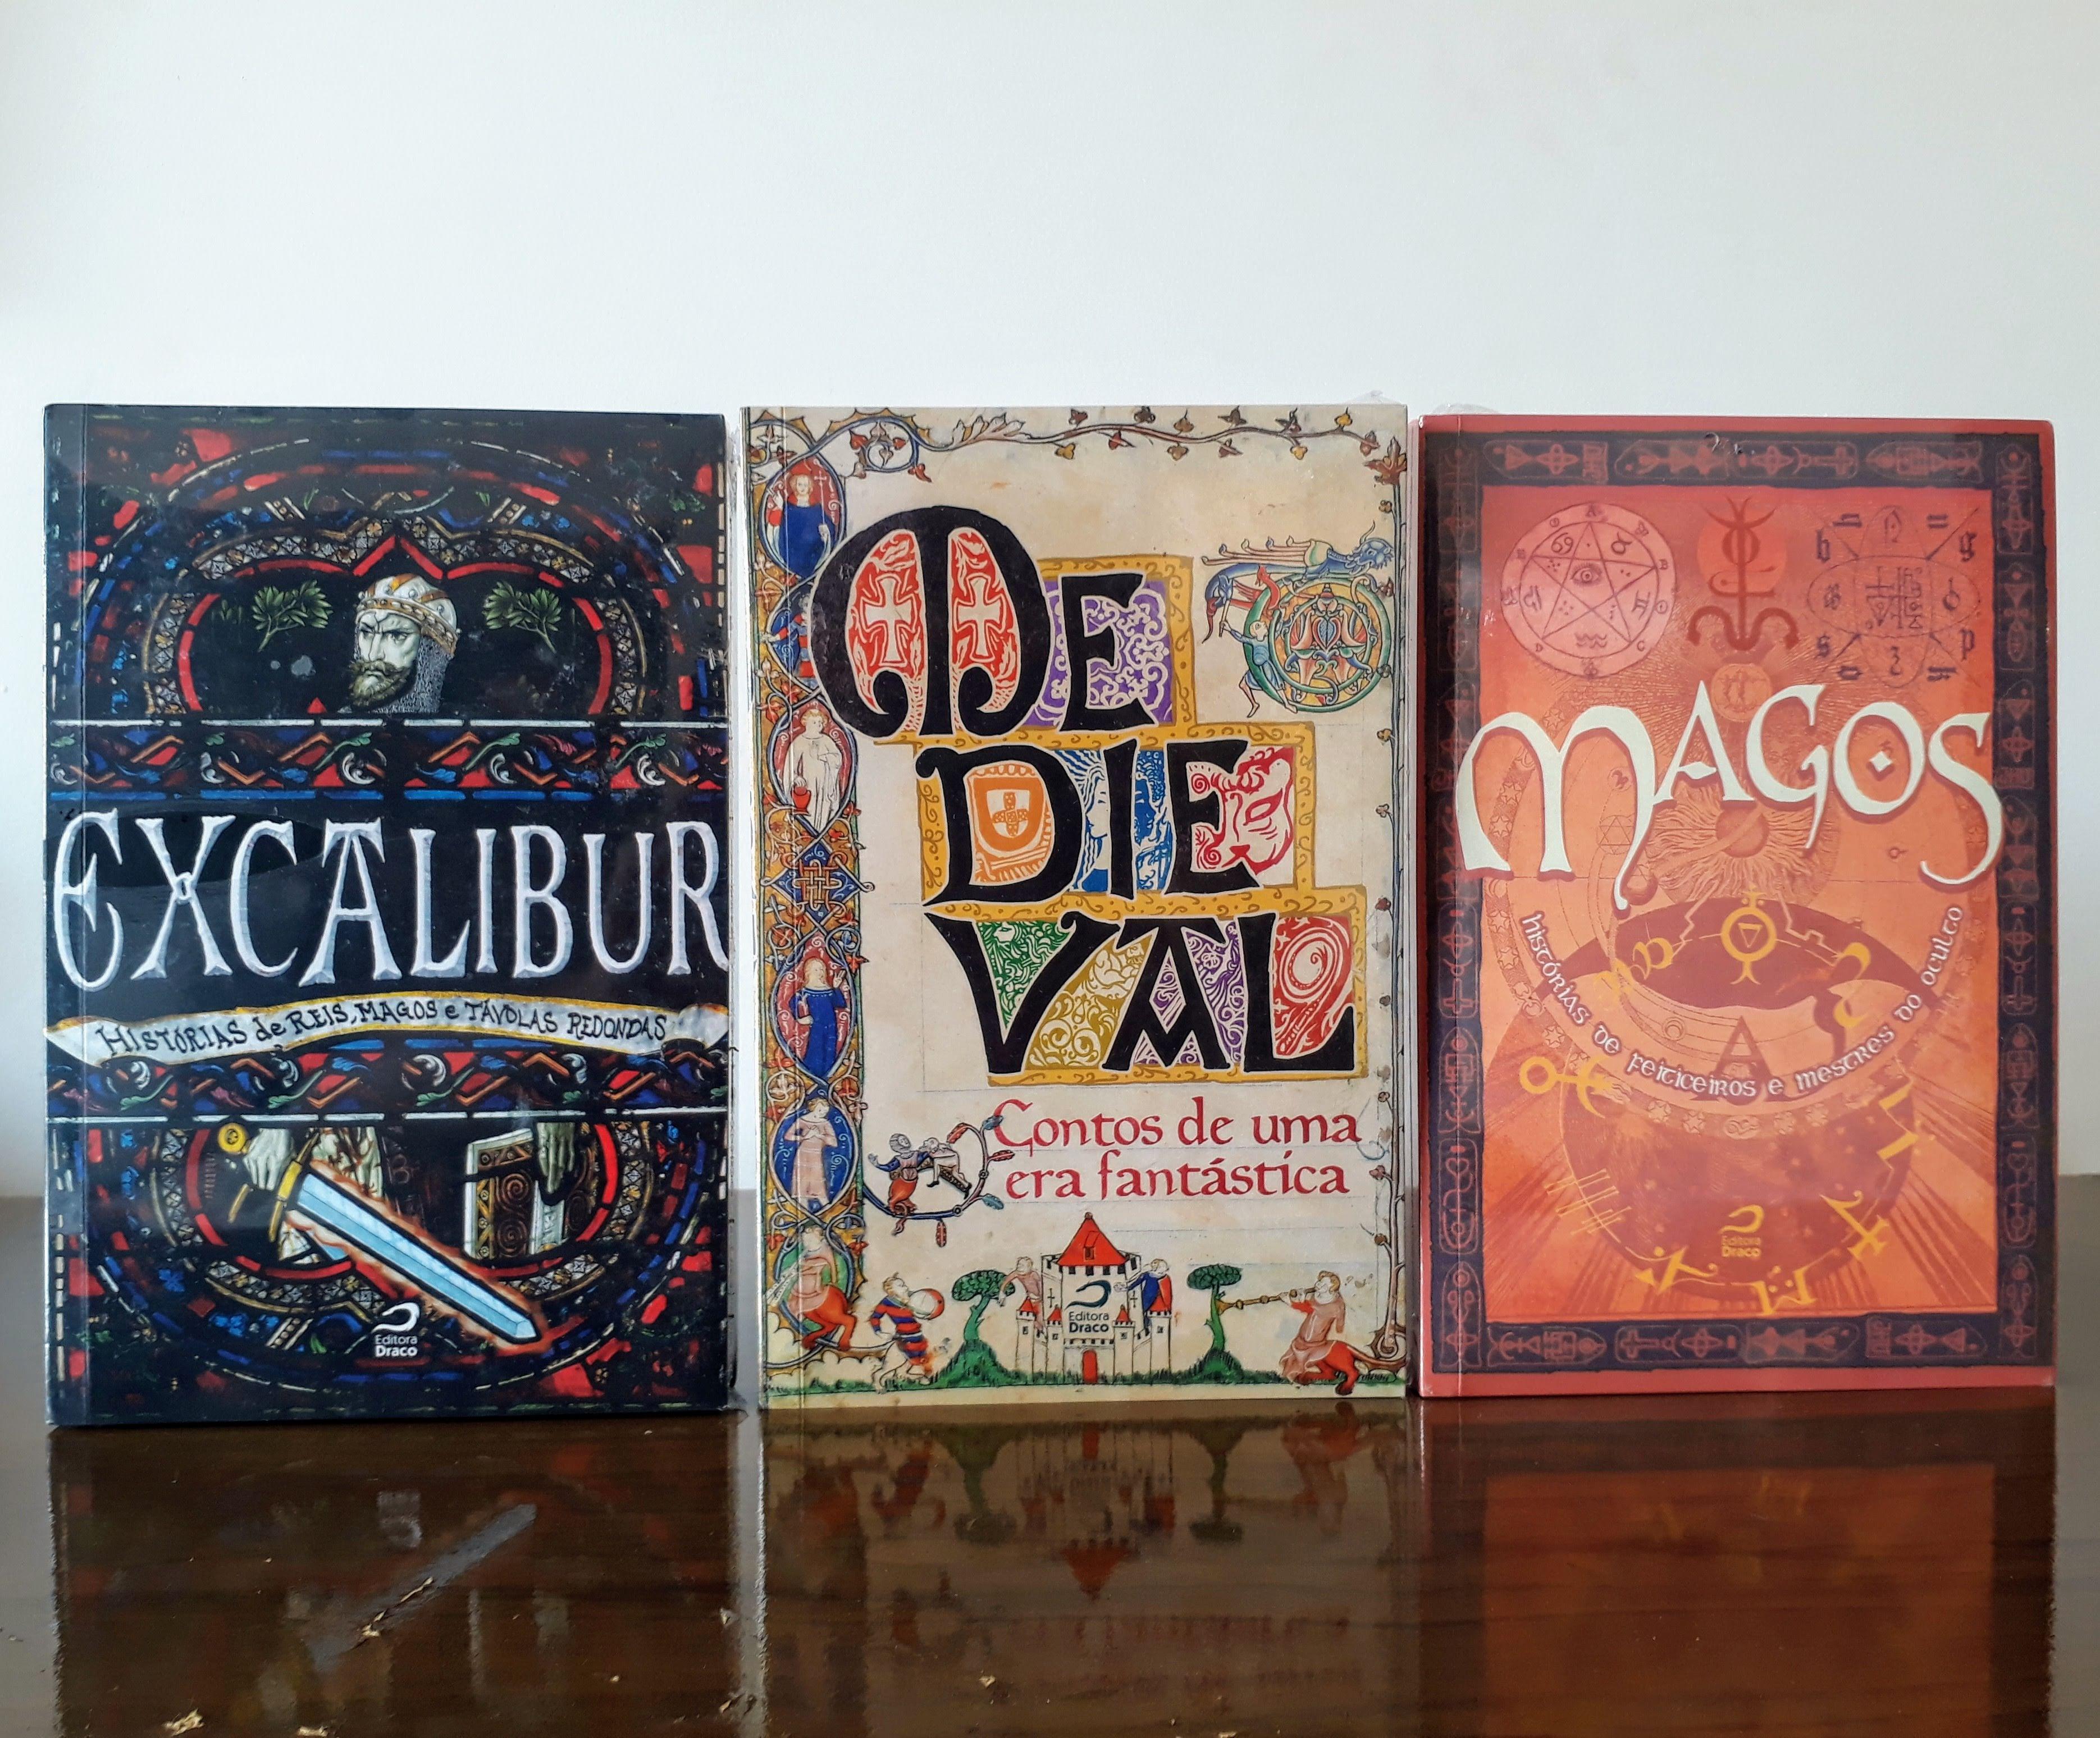 Excalibur, medieval, magos